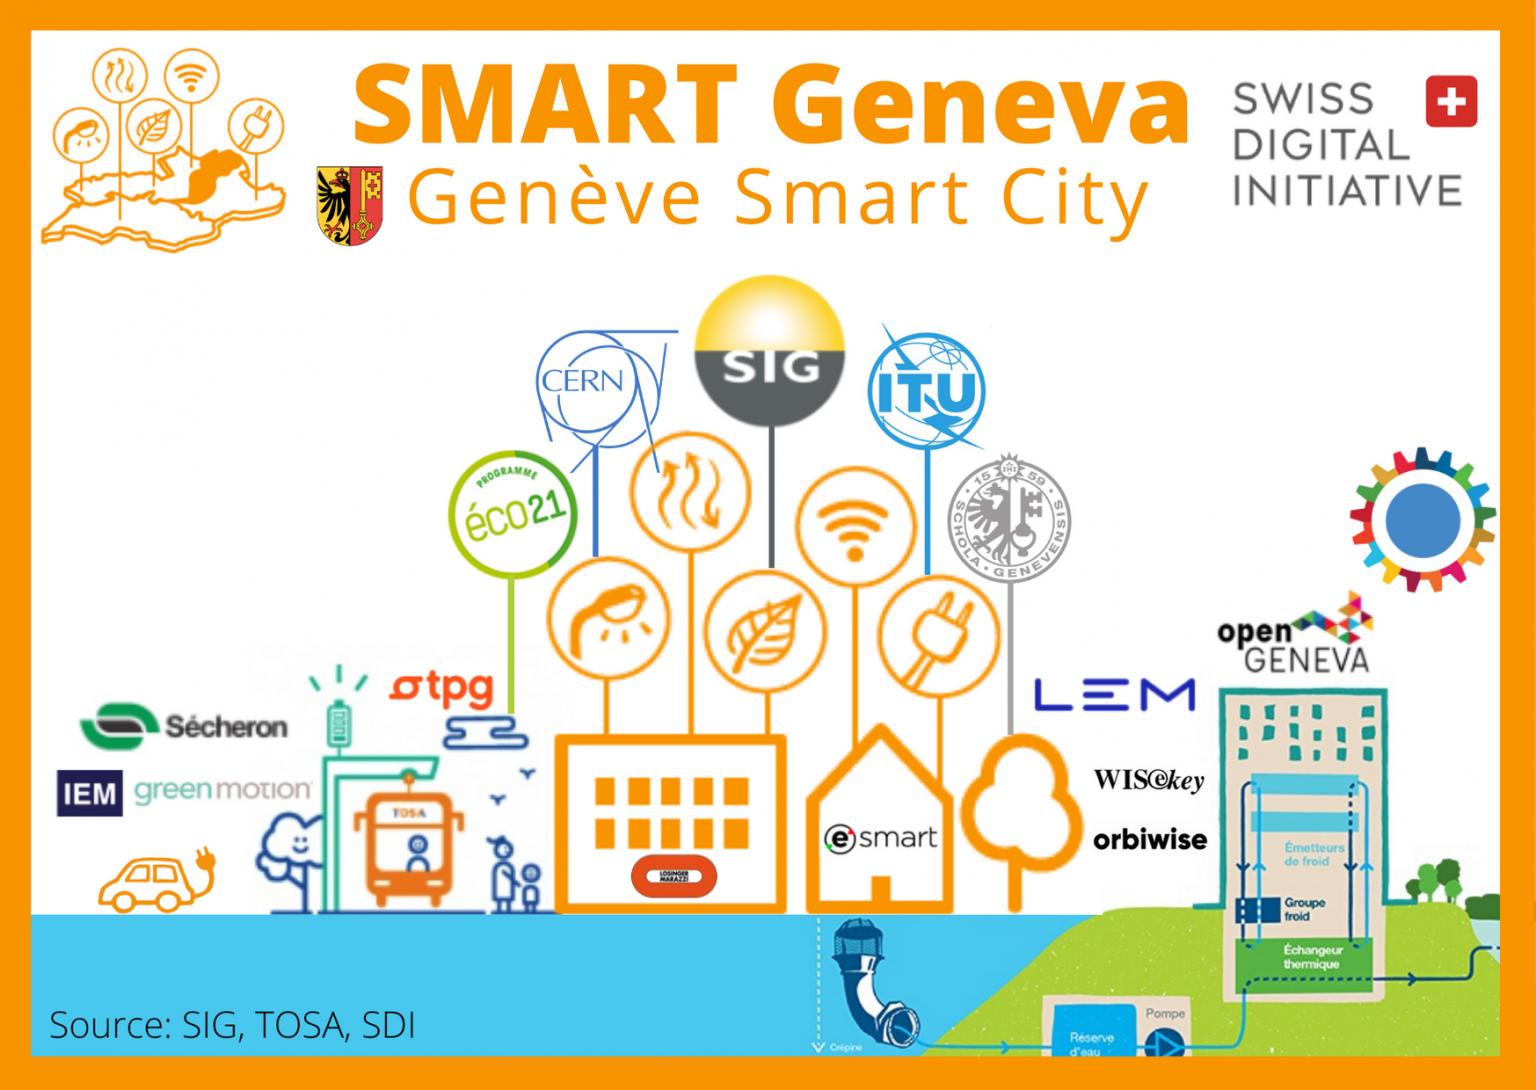 SEC_Geneve-Smart-City-1536x1090